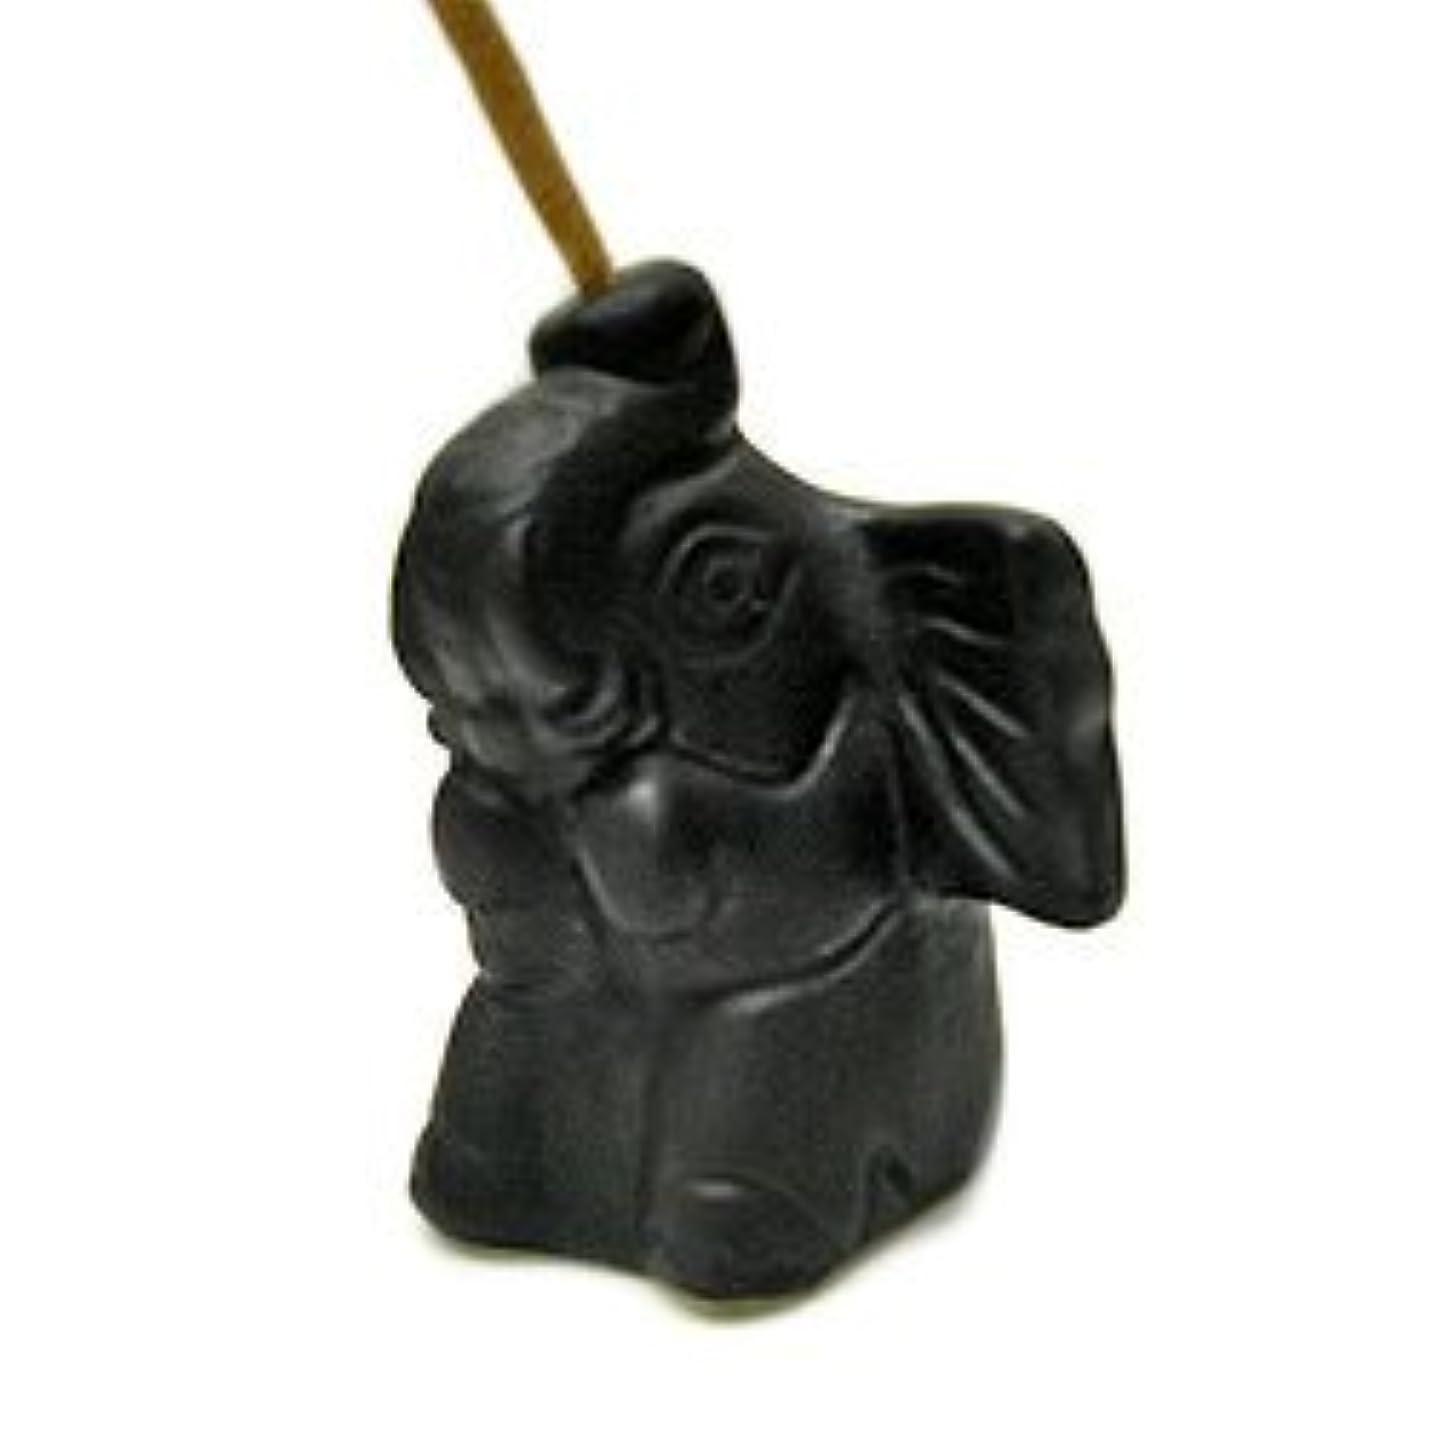 象さんのお香立て <黒> インセンスホルダー/スティックタイプ用お香立て?お香たて アジアン雑貨